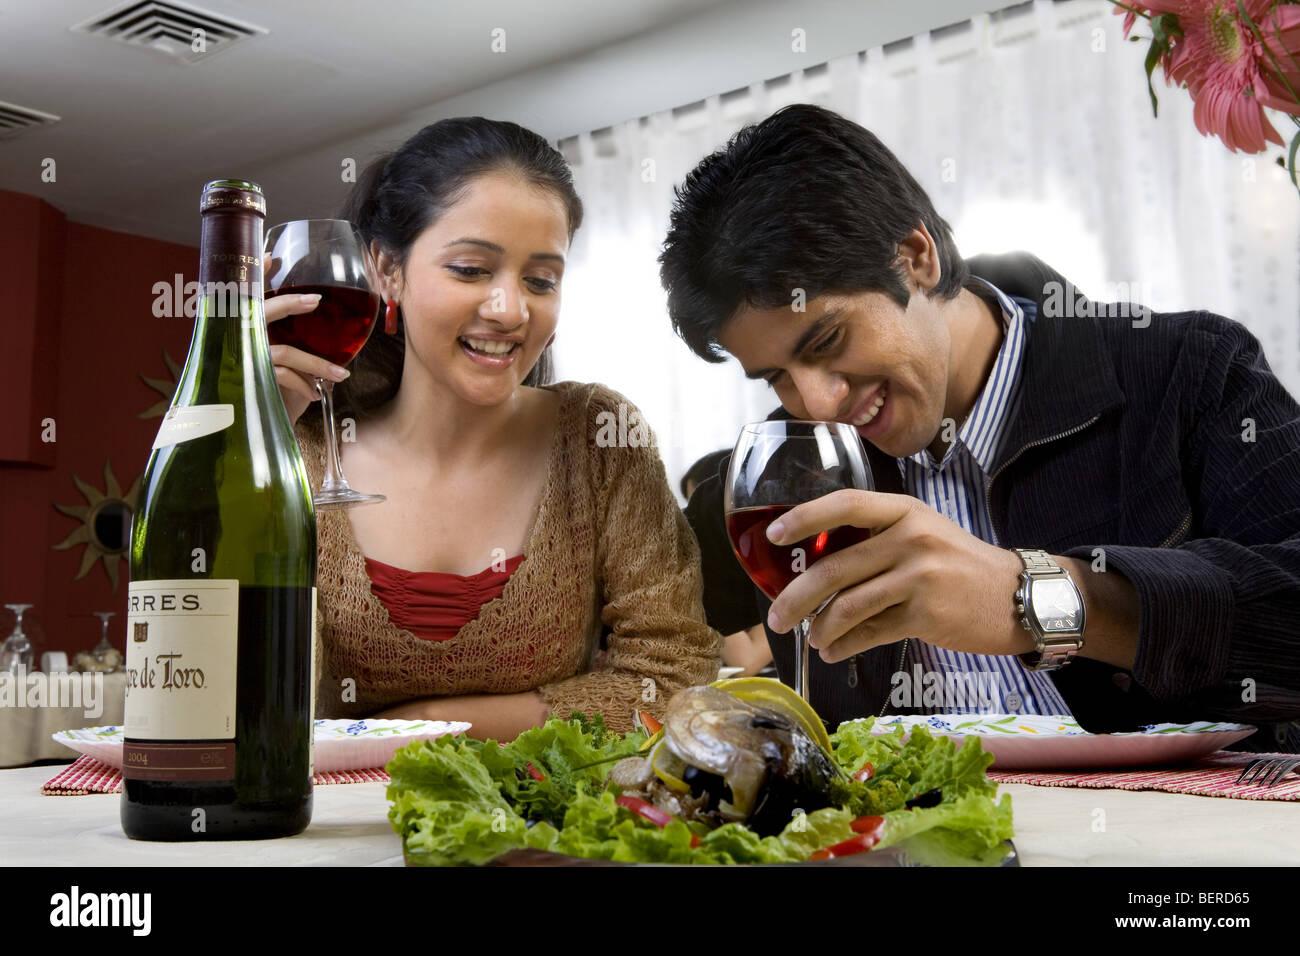 Casal de desfrutar de uma refeição Imagens de Stock